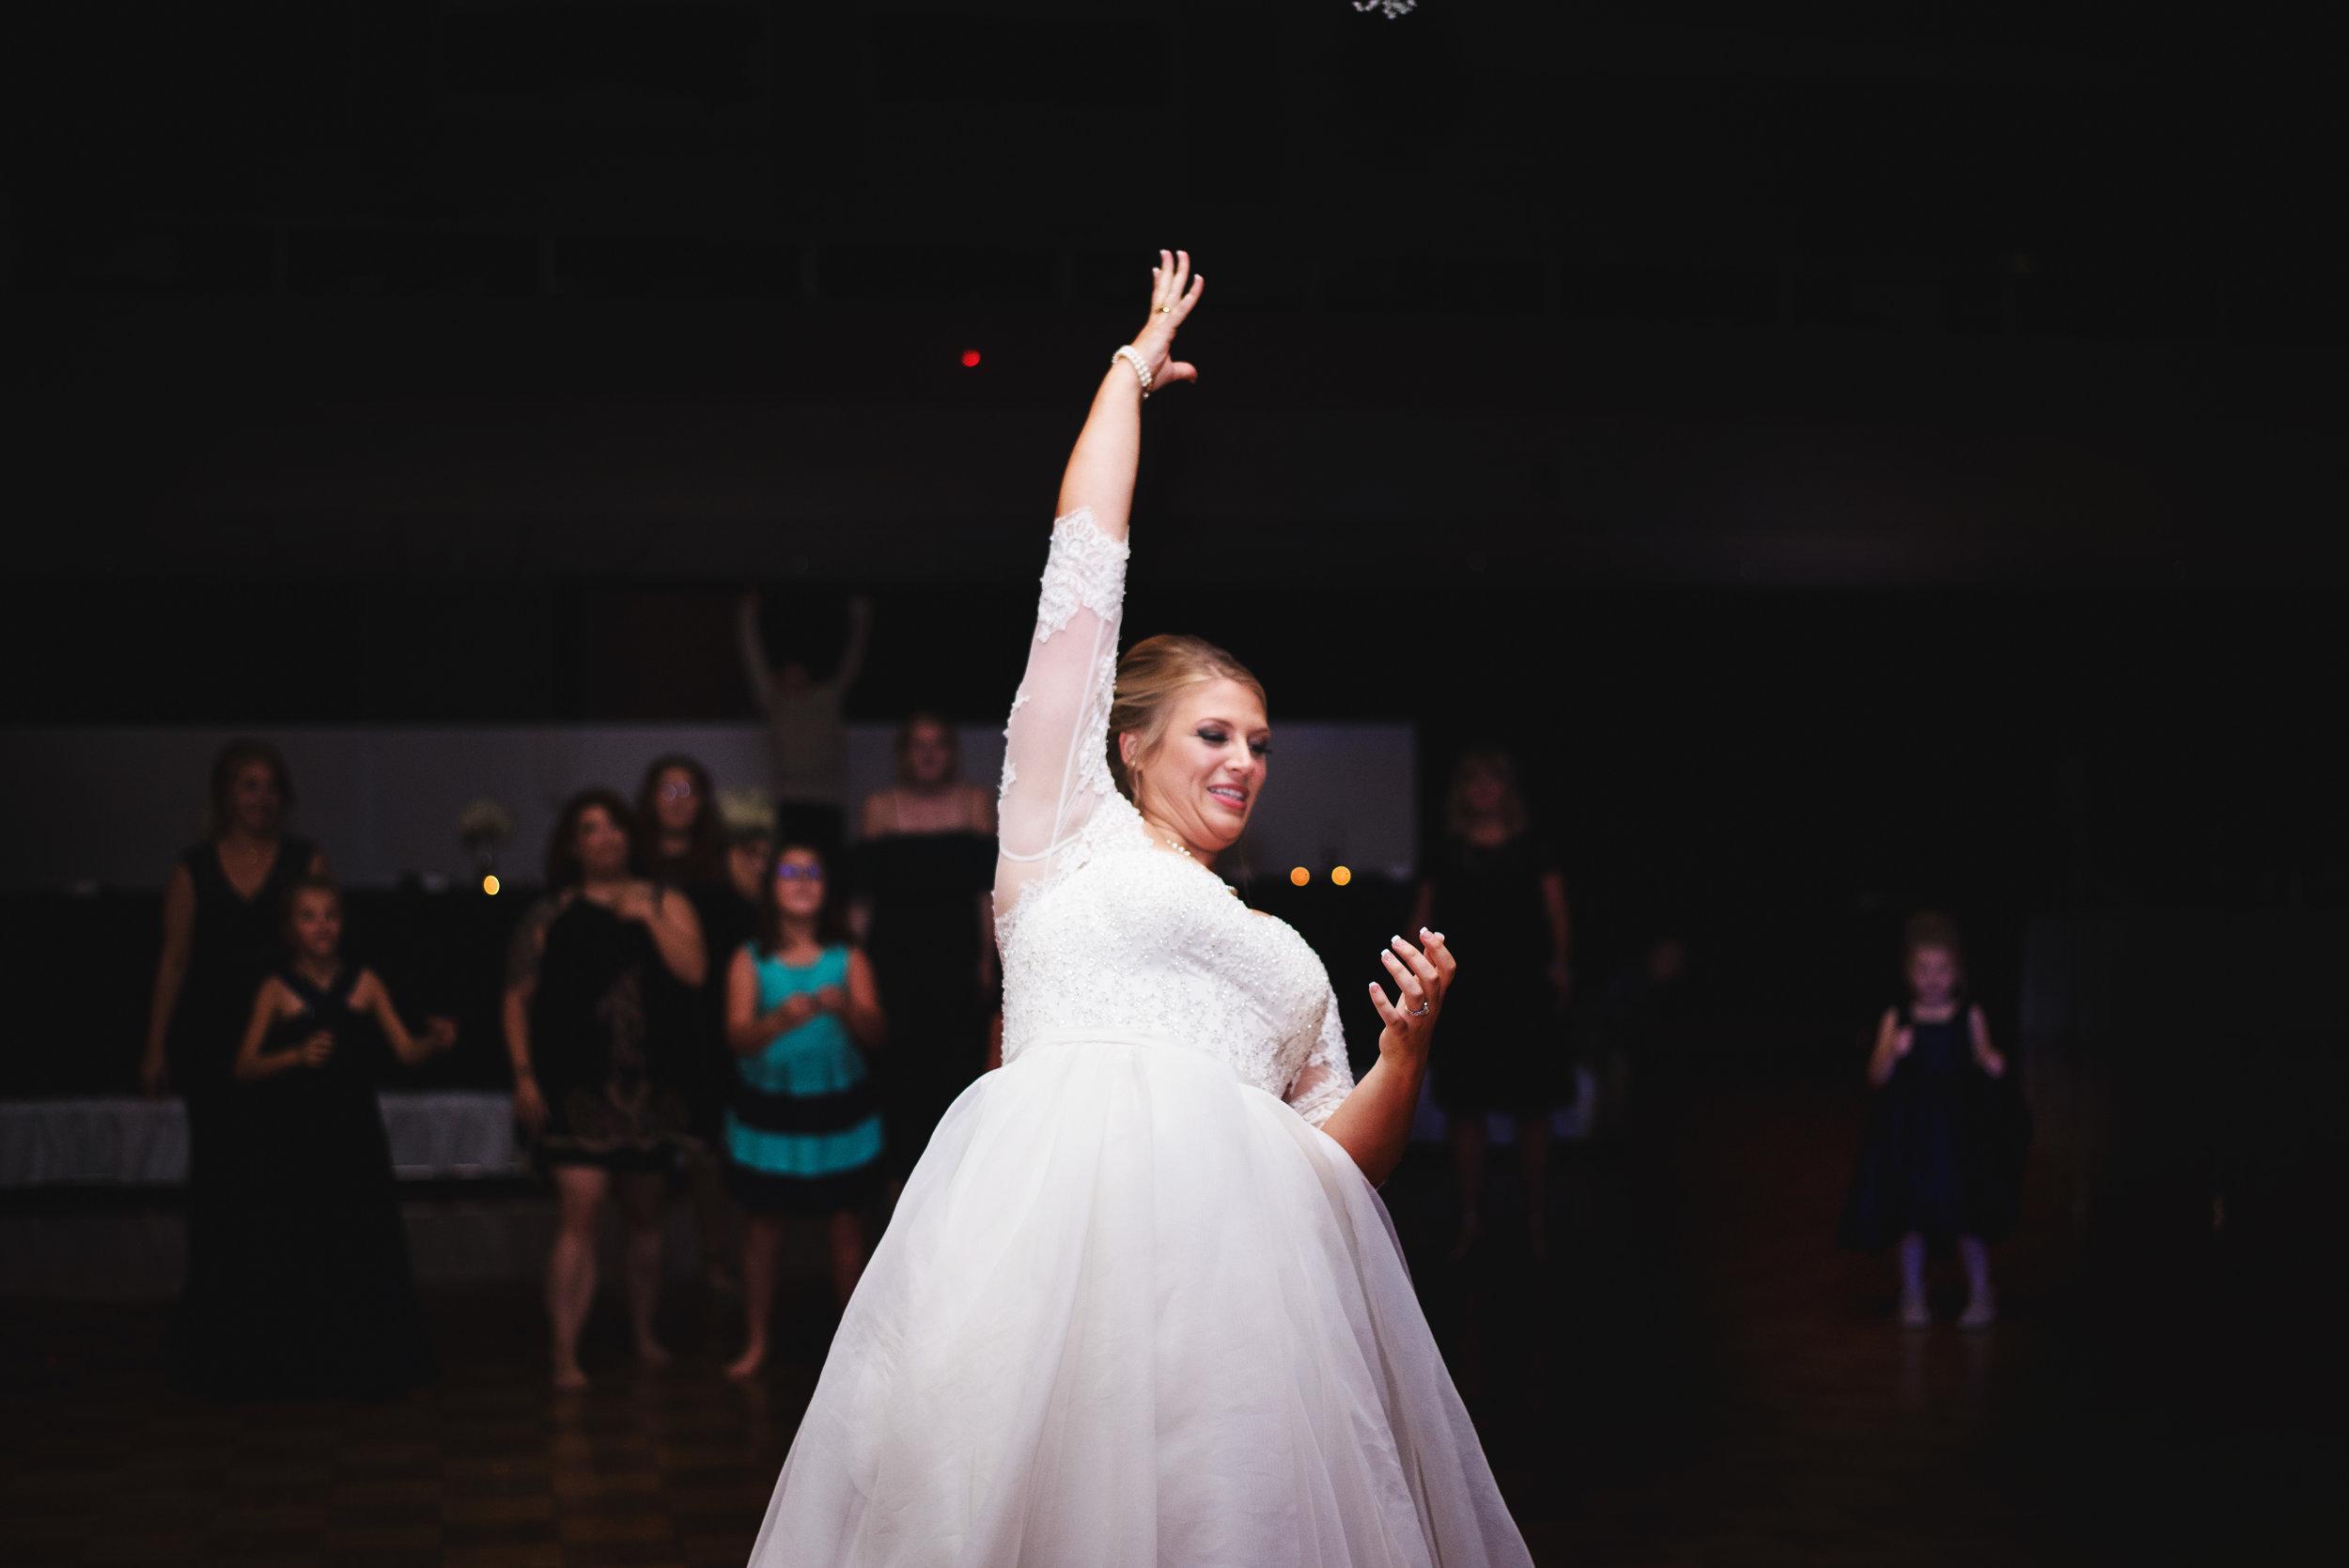 King-Northern-Illinois-University-Wedding165.jpg